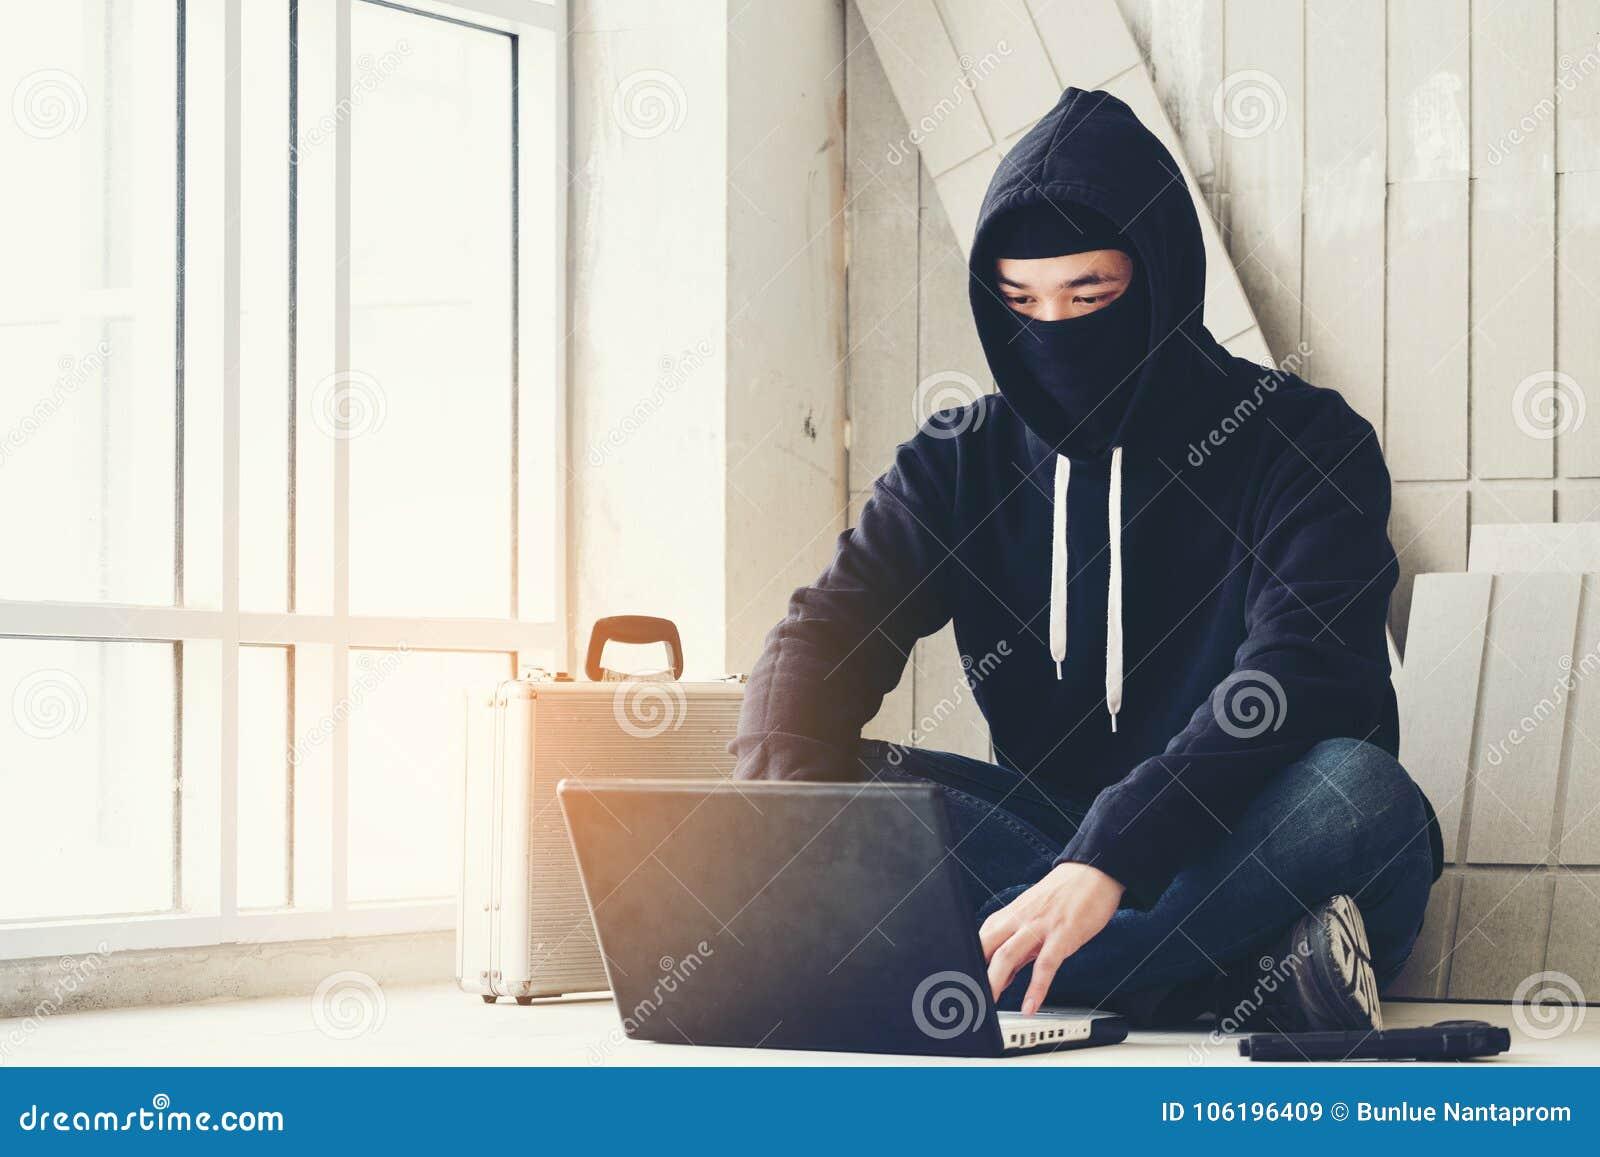 Pirate informatique tenant l arme à feu travaillant sur son ordinateur, guerre, terrorisme, ter